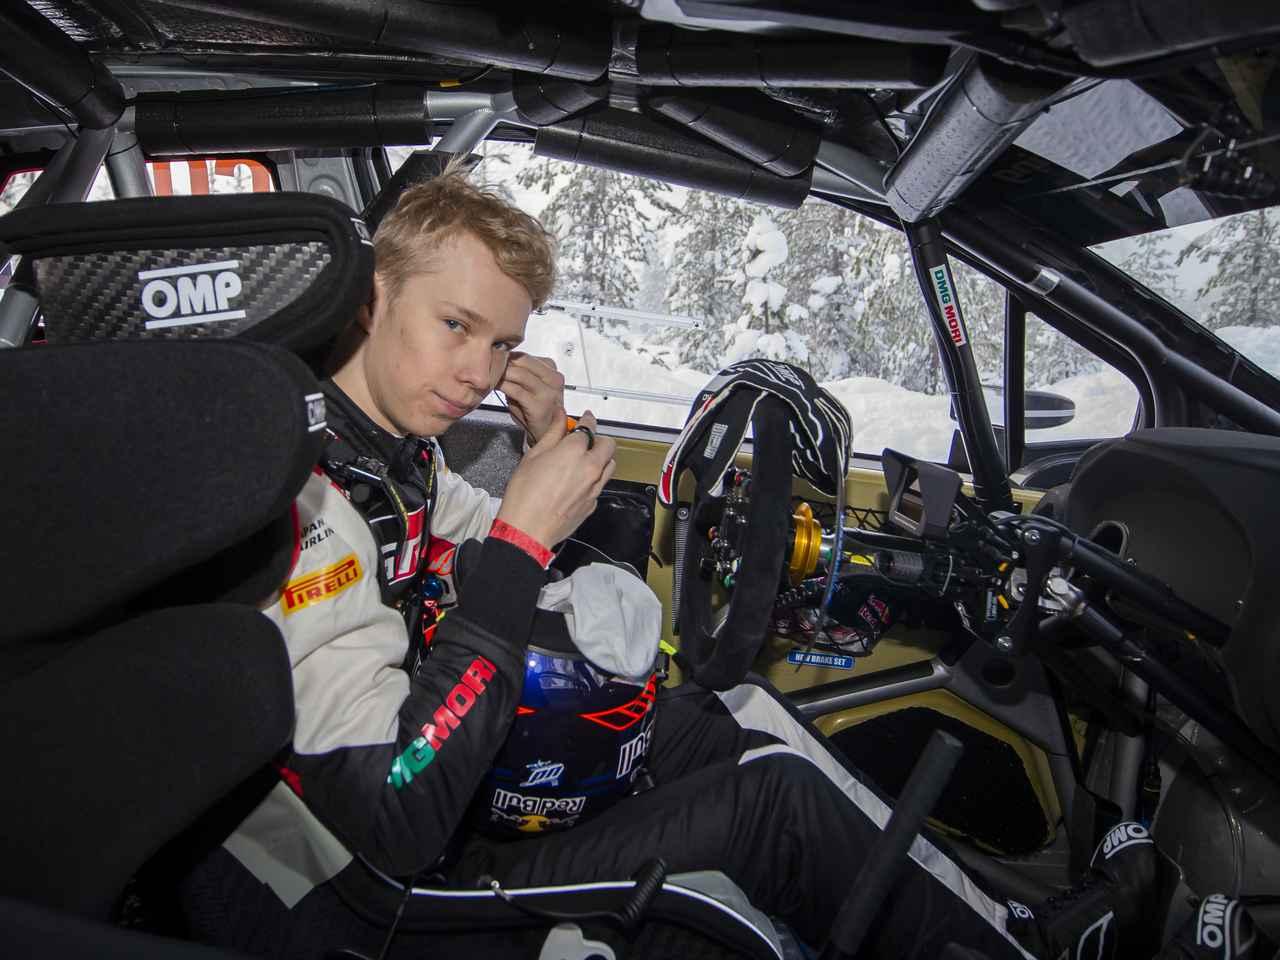 次世代のエース、トヨタのロバンペラがWRCで2位入賞。チャンピオンシップに新風【モータースポーツ】